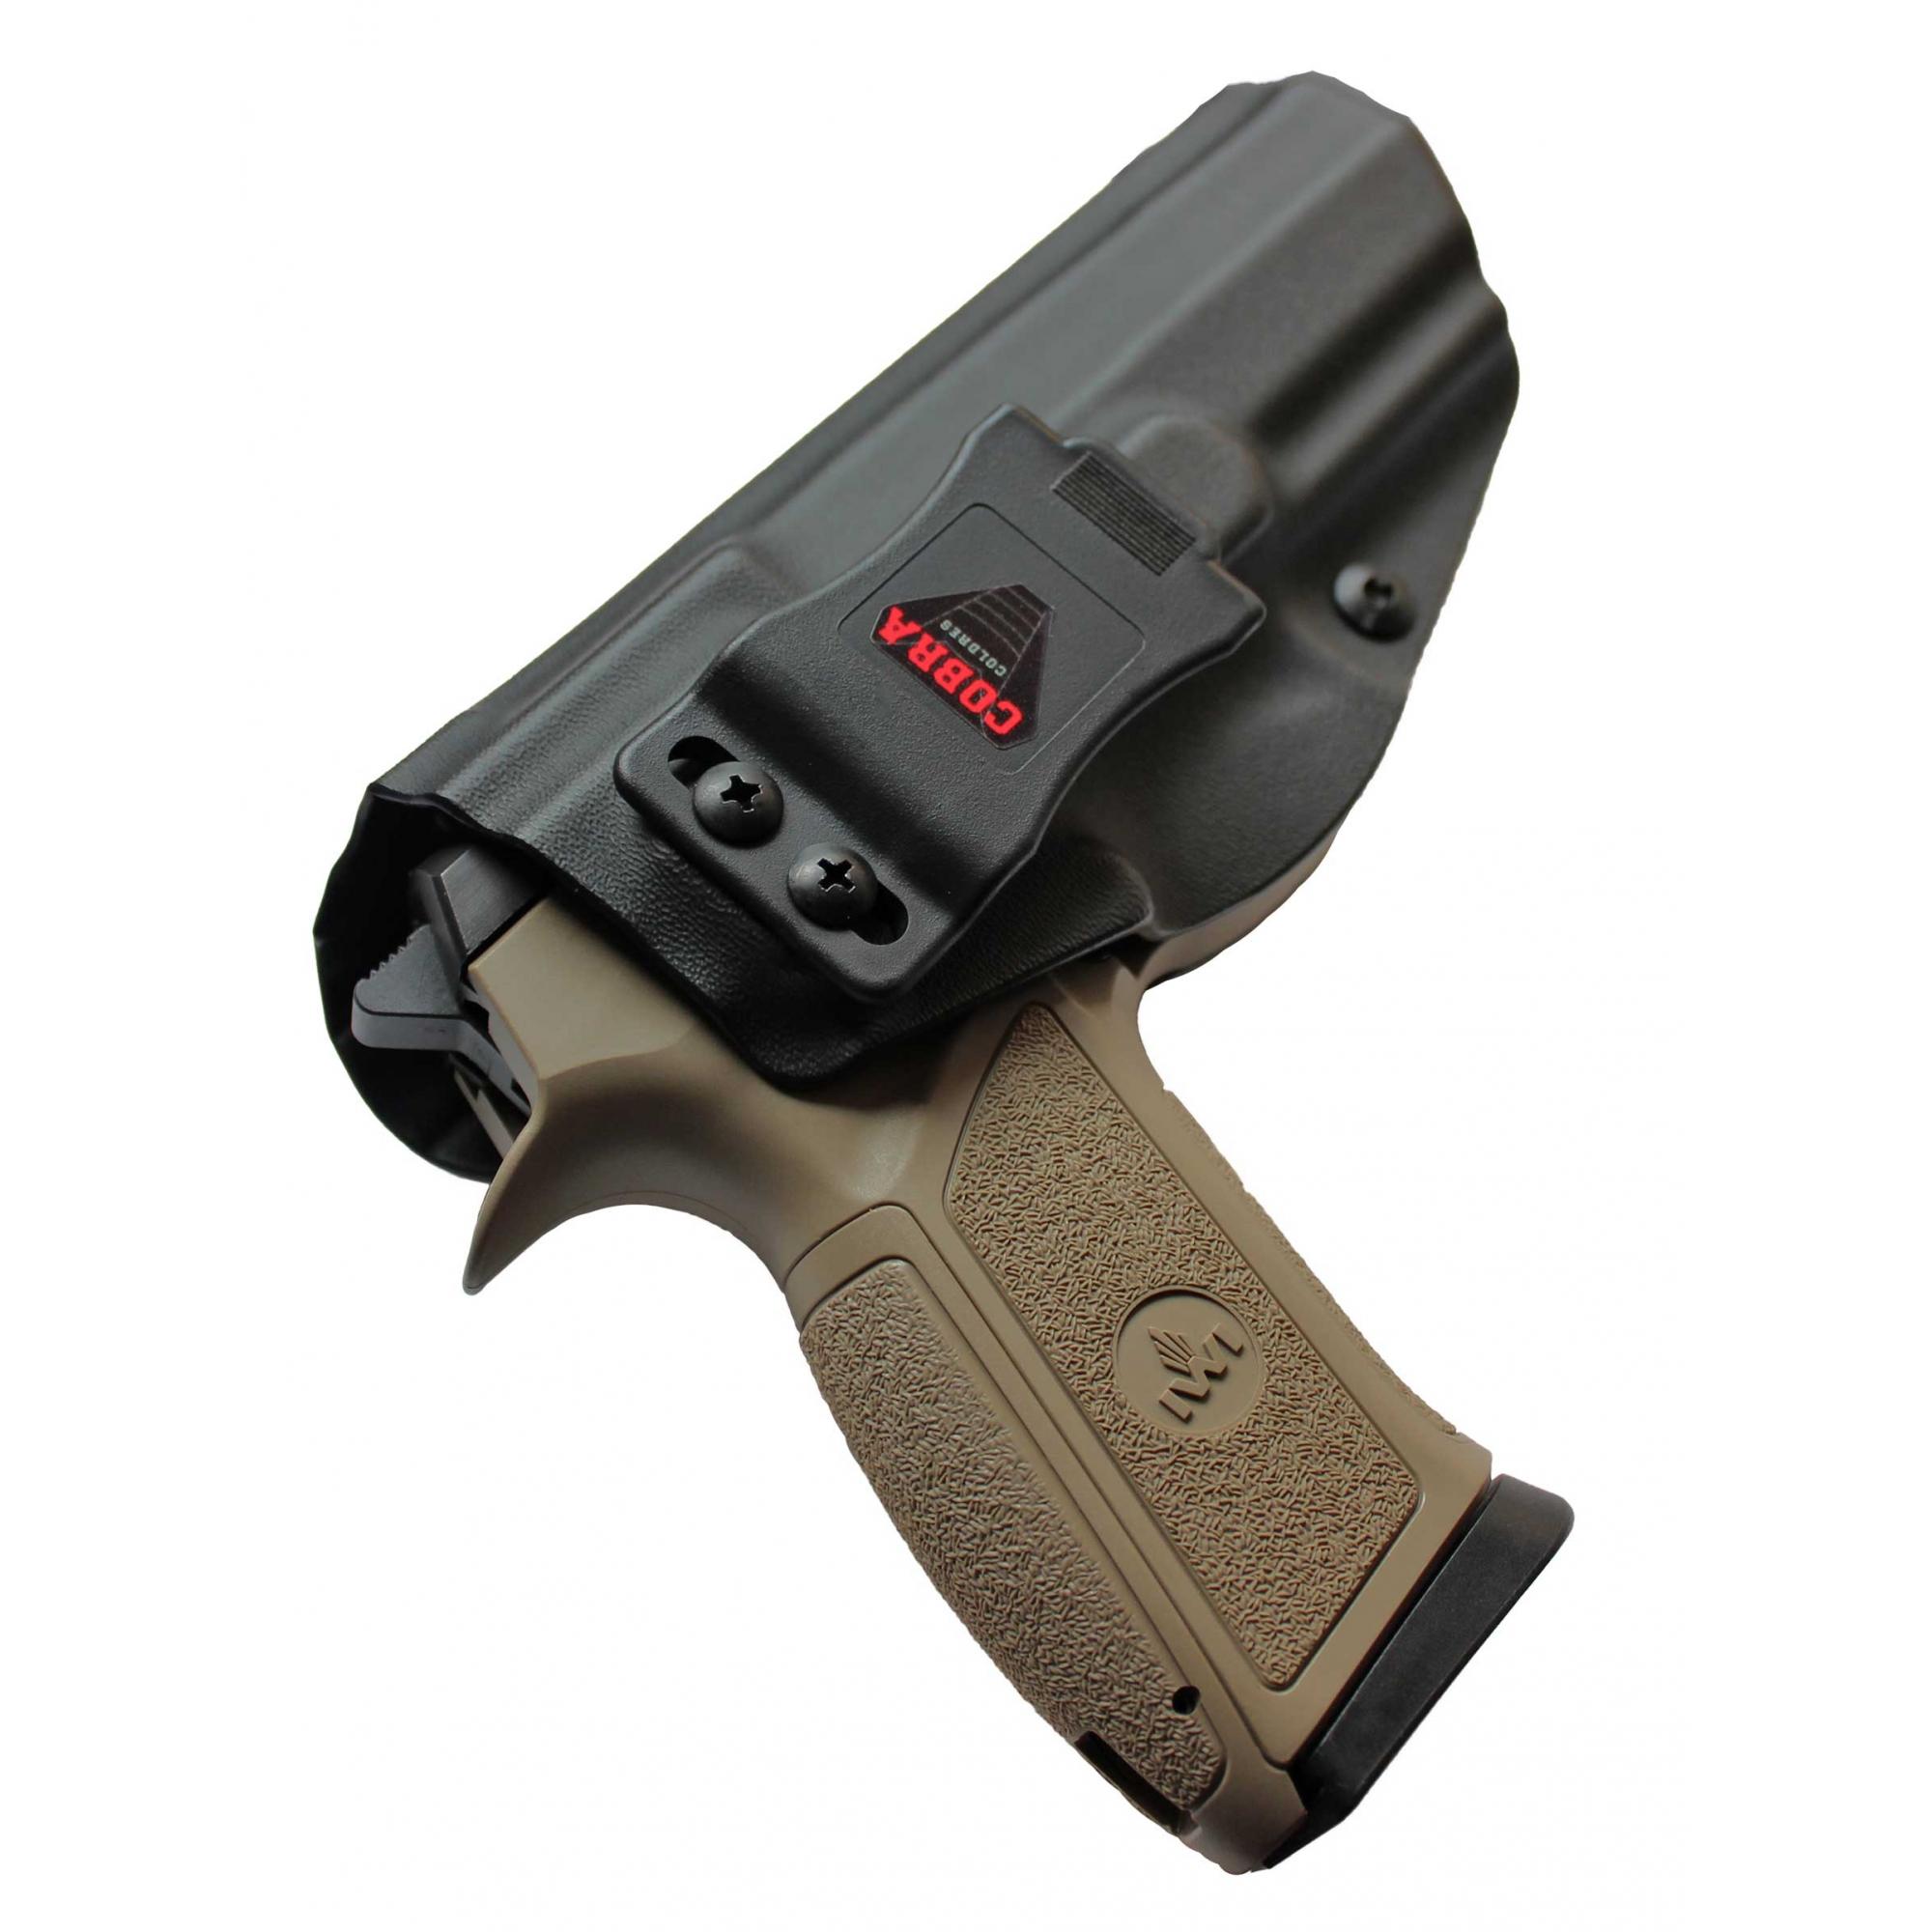 Coldre Cobra IWI [Jericho] [PL 941] - Jerichó Polímero 9mm - Cano 112mm - Saque Rápido Velado -  Kydex® 080